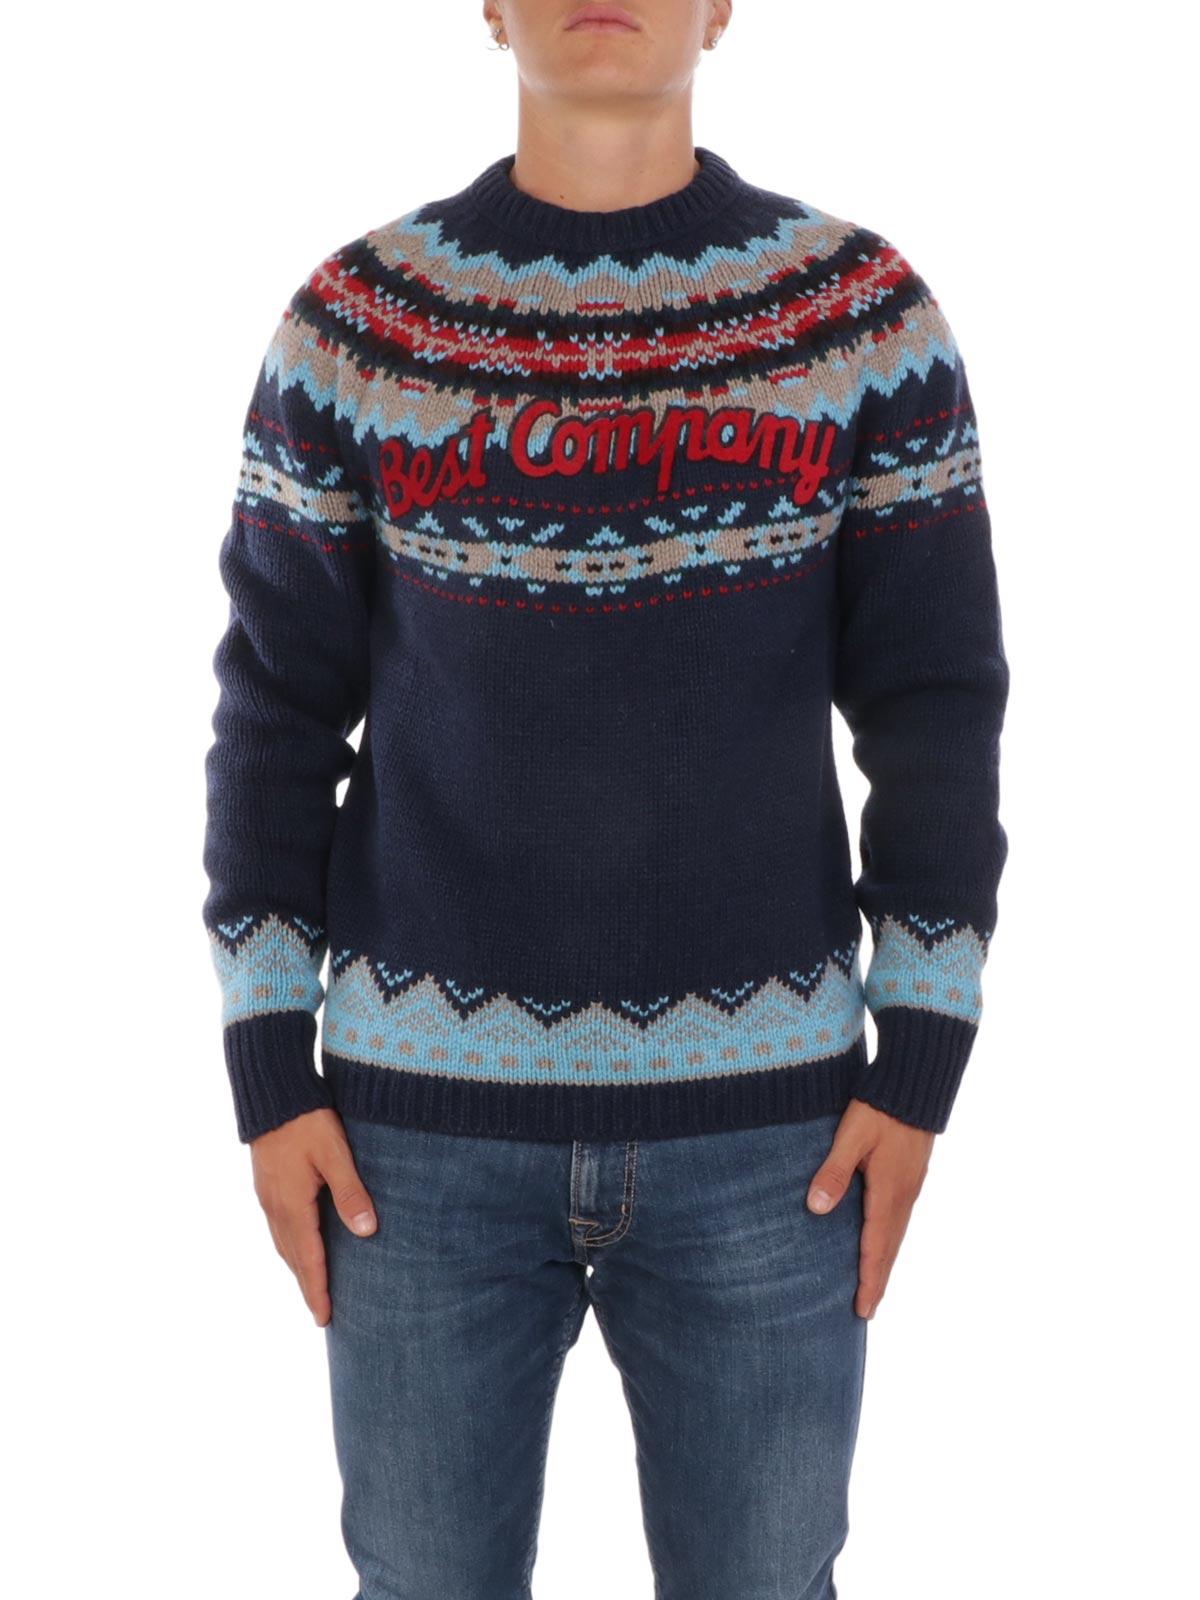 comprare on line 75c63 e98d1 BEST COMPANY Maglione Uomo Fantasia